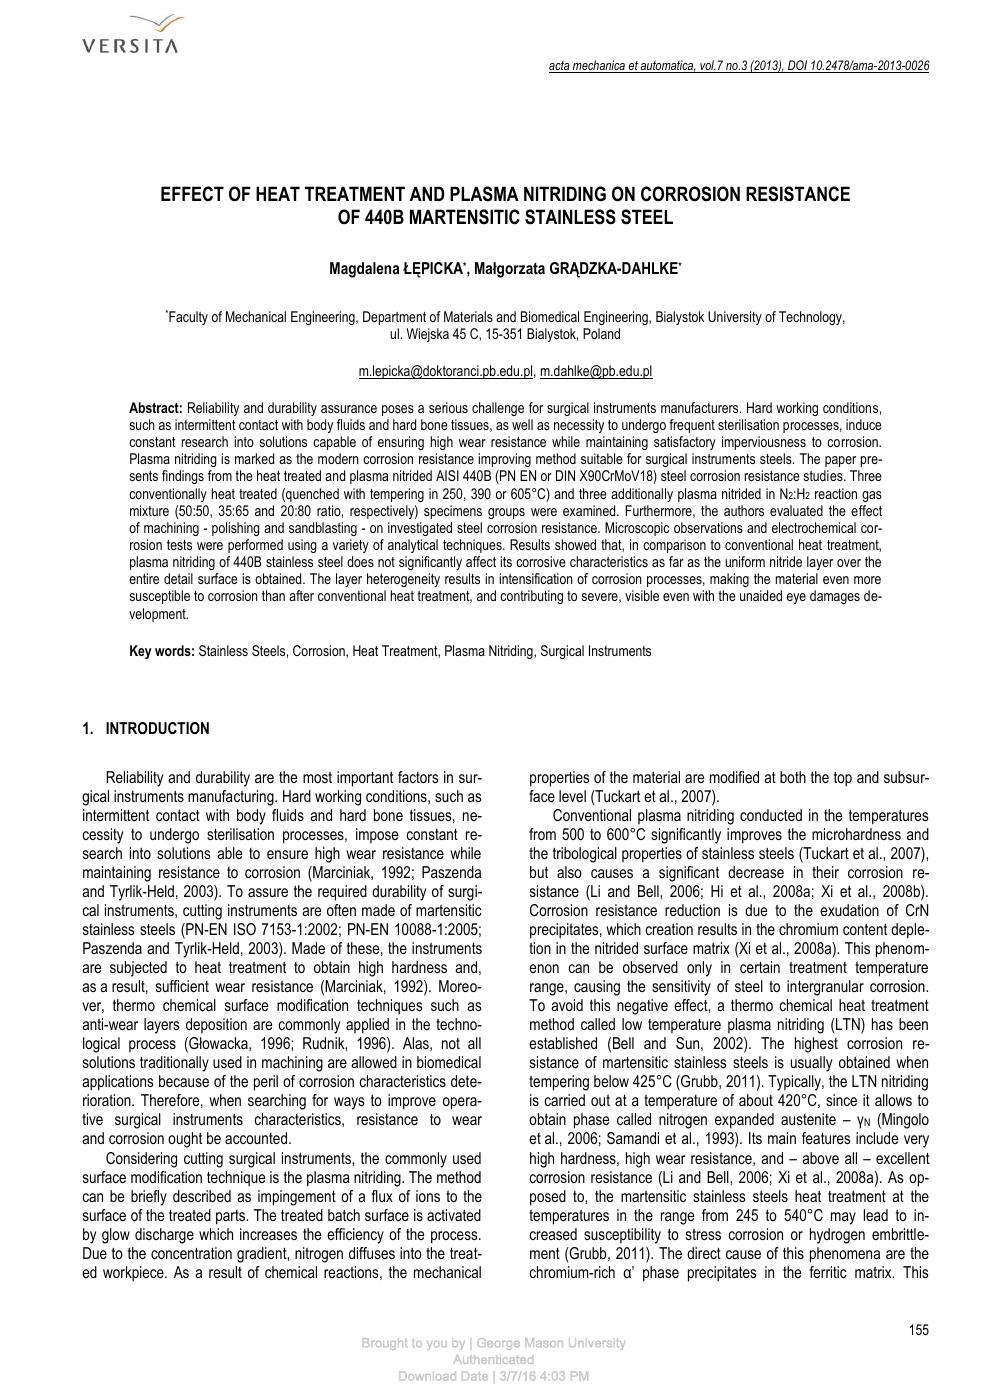 plasma nitriding thesis